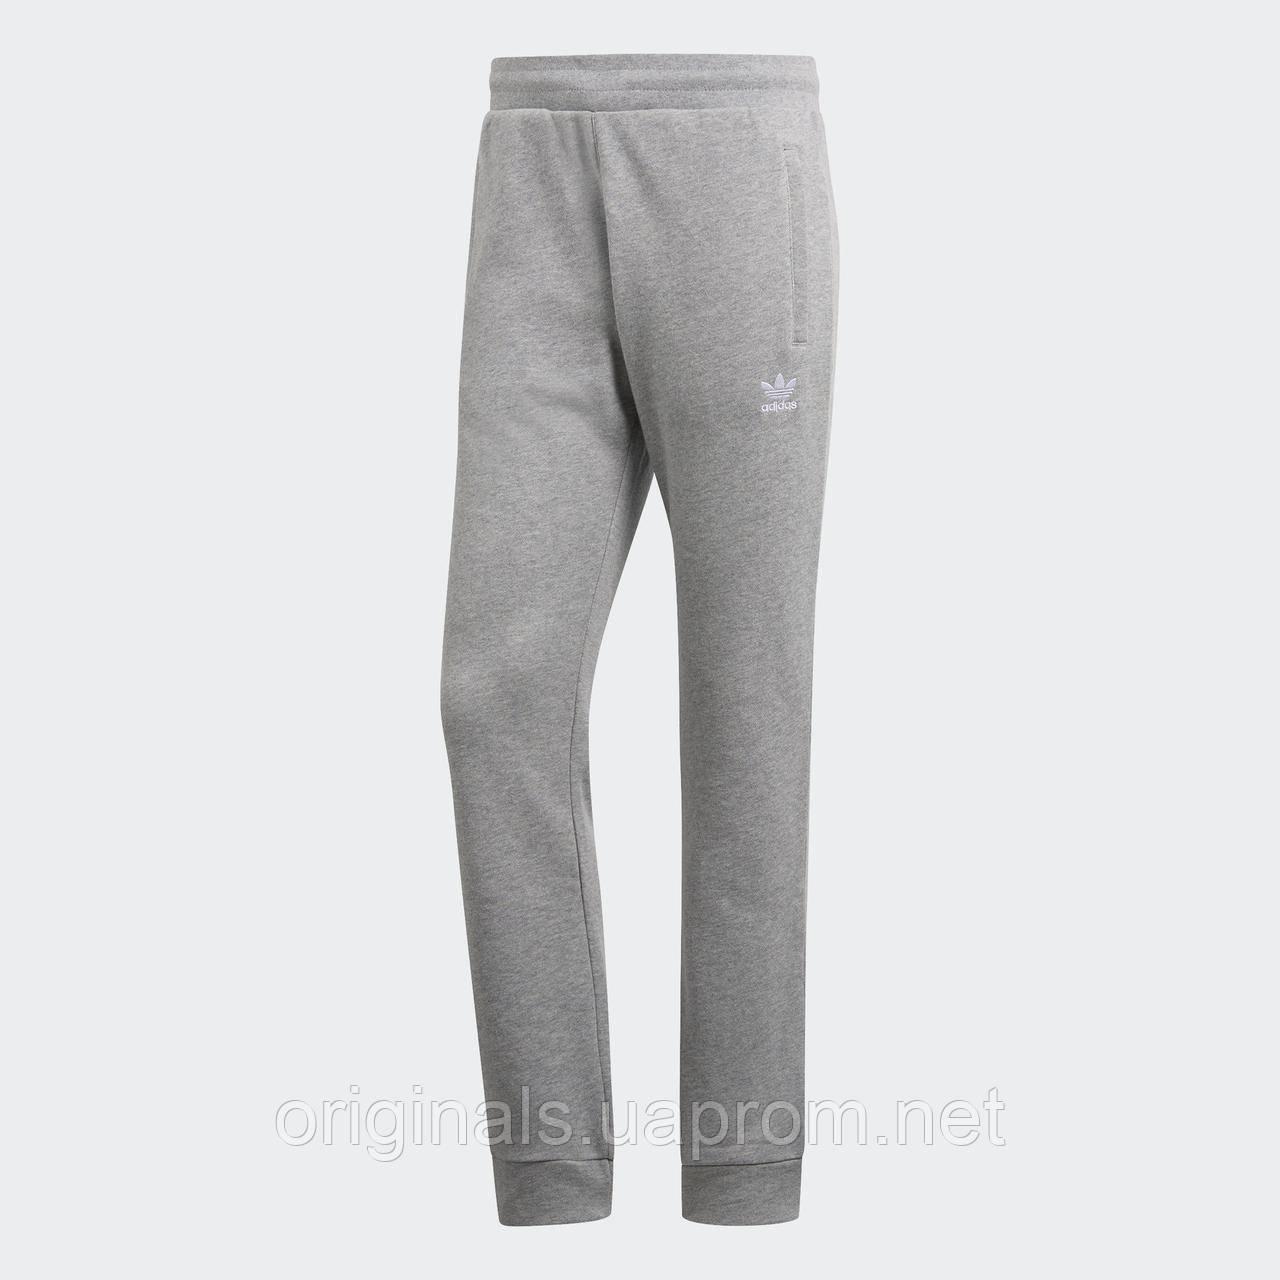 Мужские штаны Adidas Trefoil DV1540